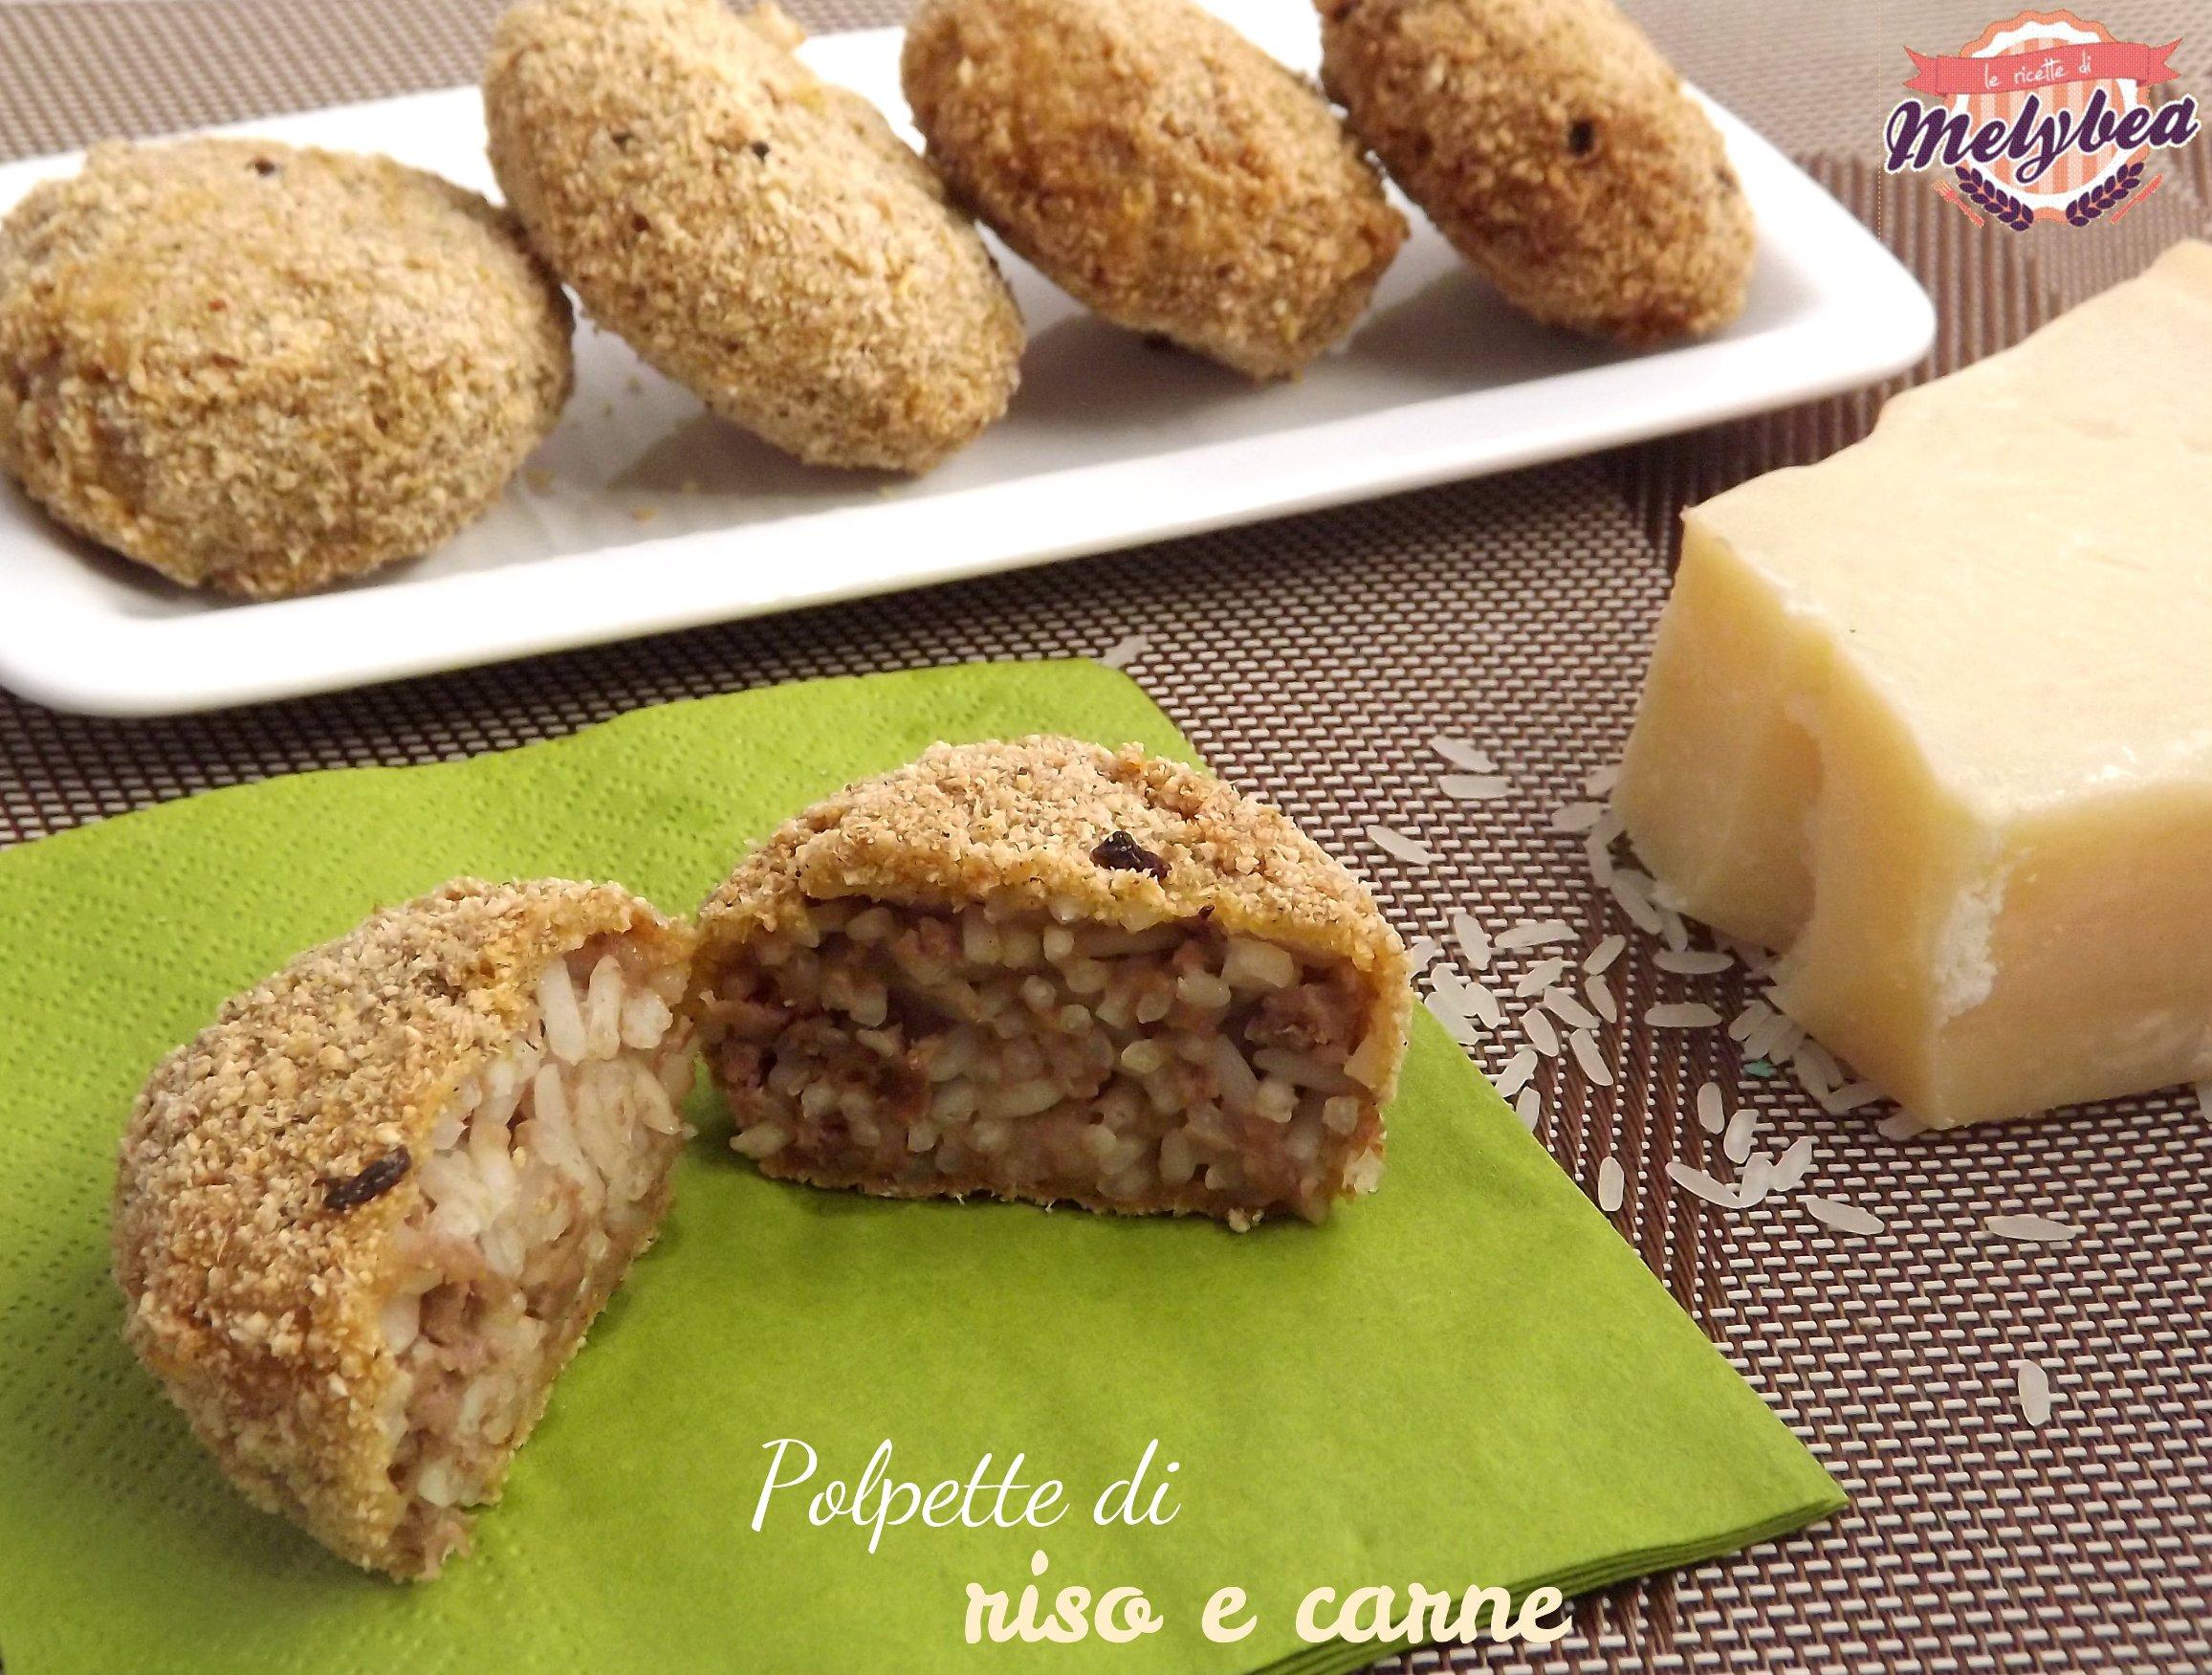 Polpette di riso e carne - Le ricette di Melybea